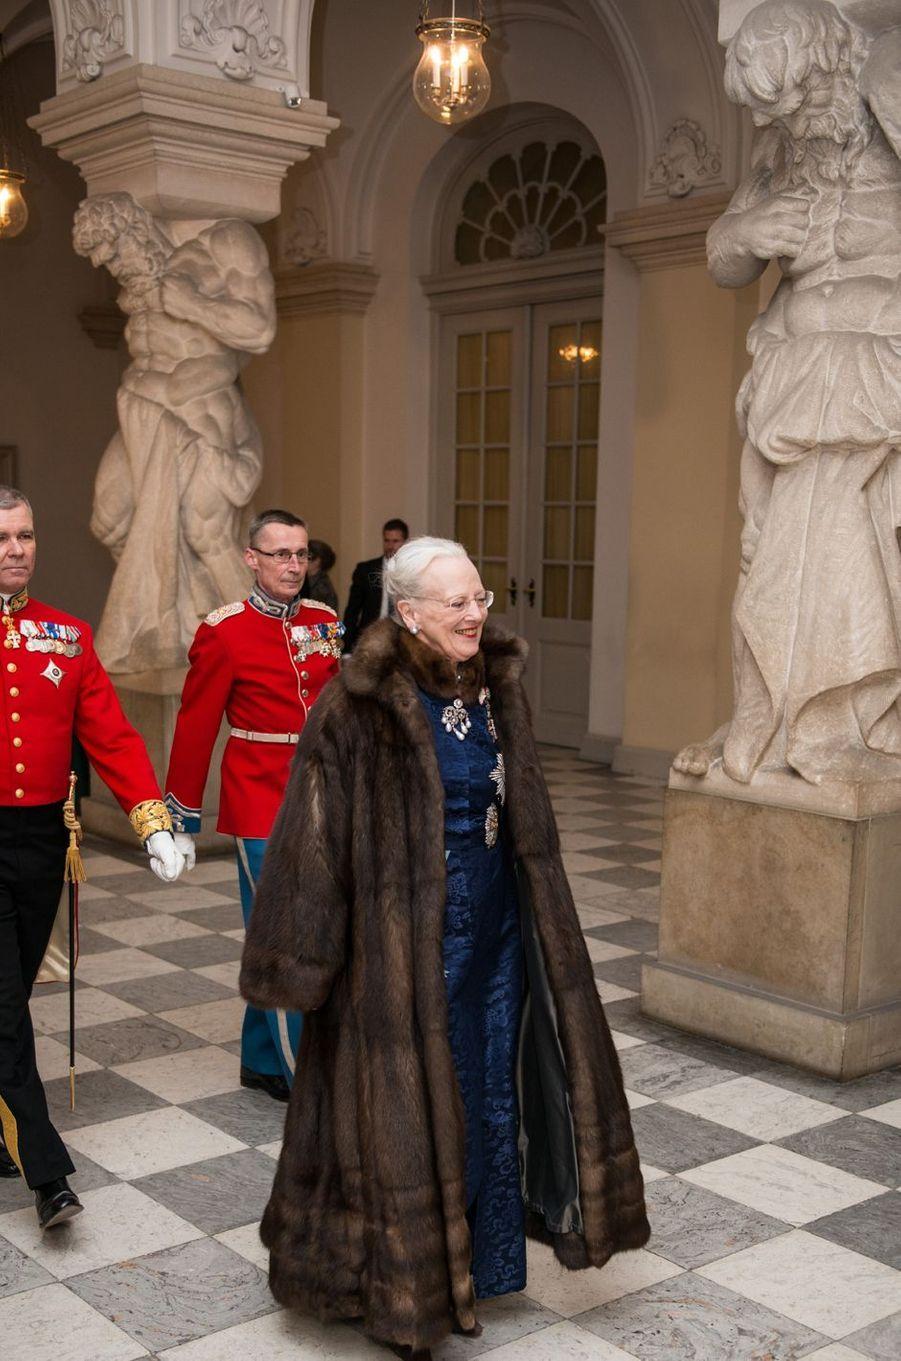 La reine Margrethe II de Danemark au château de Christiansborg à Copenhague, le 3 janvier 2017